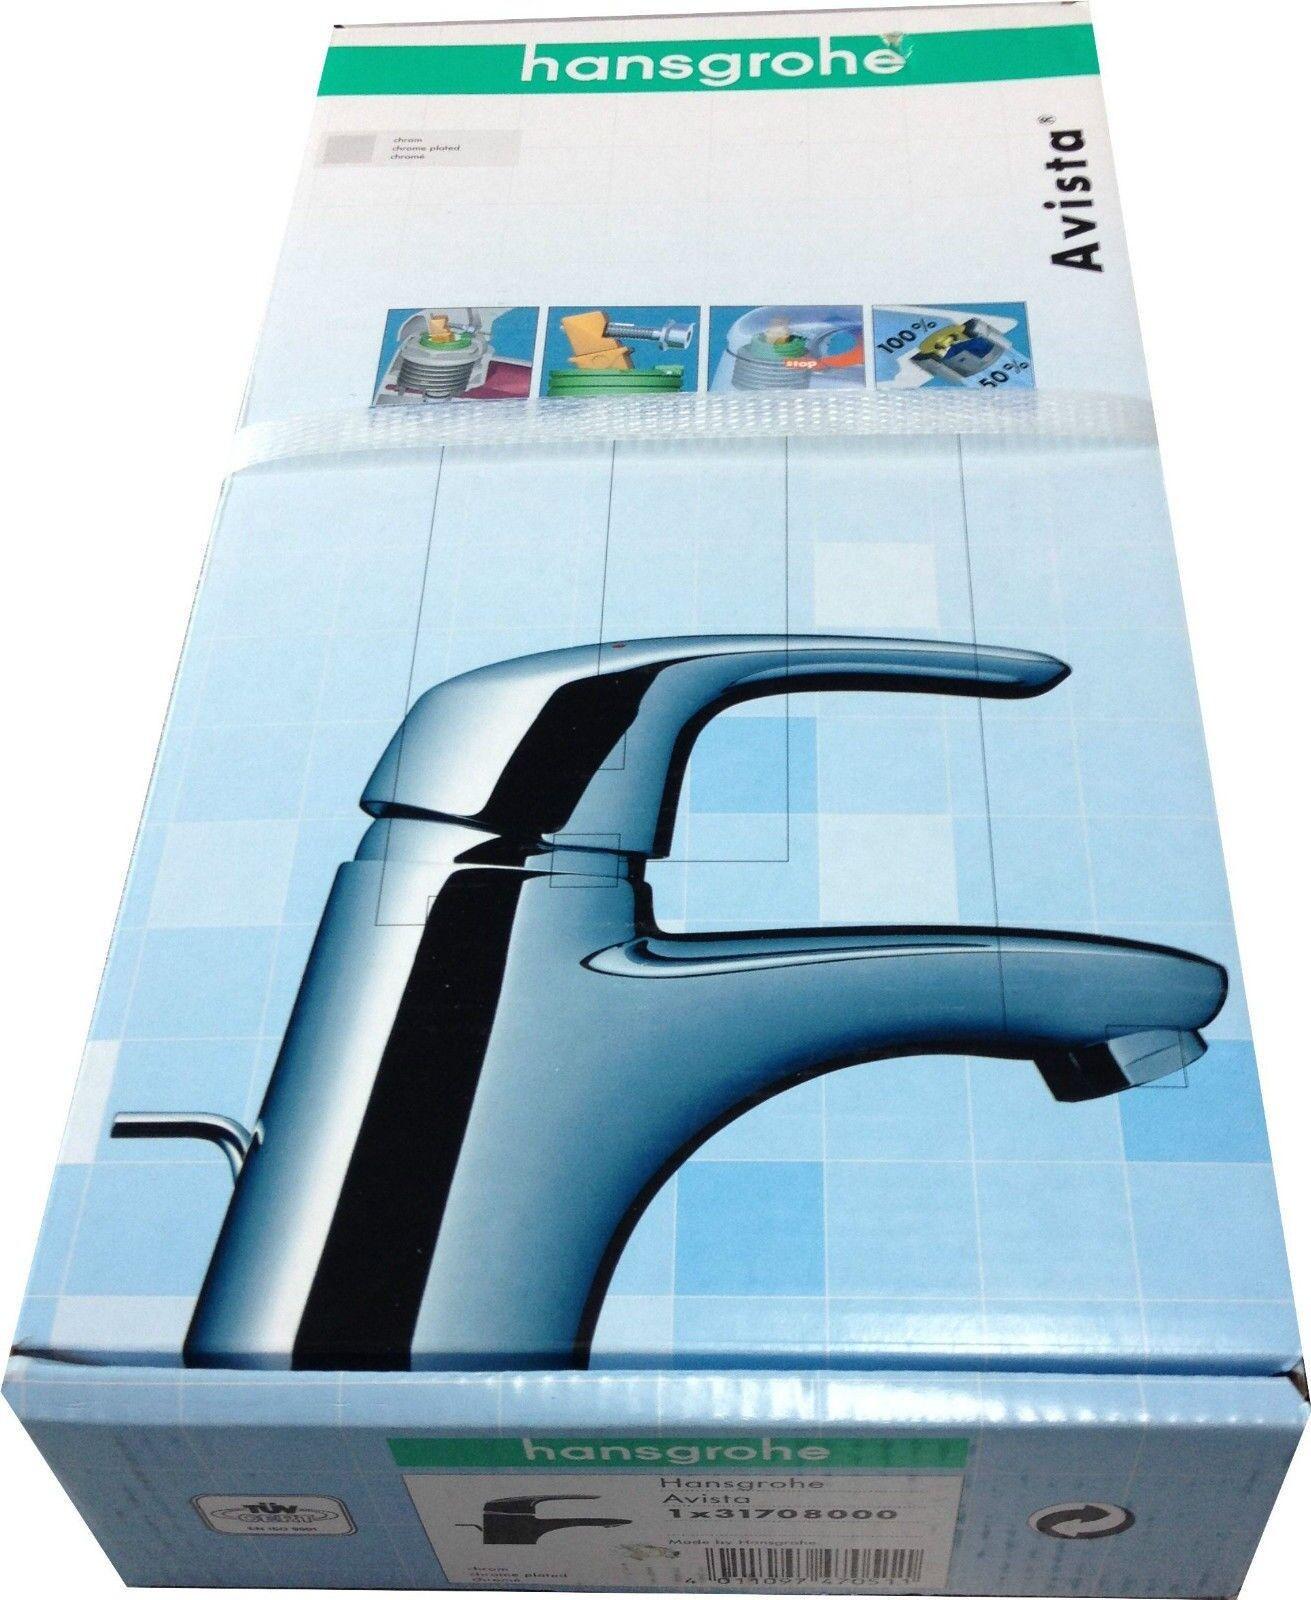 Hansgrohe Waschtisch-Einhebelmischer Serie AVISTA, chrom, HG31708000 | Qualität  | Ermäßigung  | Spielzeugwelt, spielen Sie Ihre eigene Welt  | Tadellos